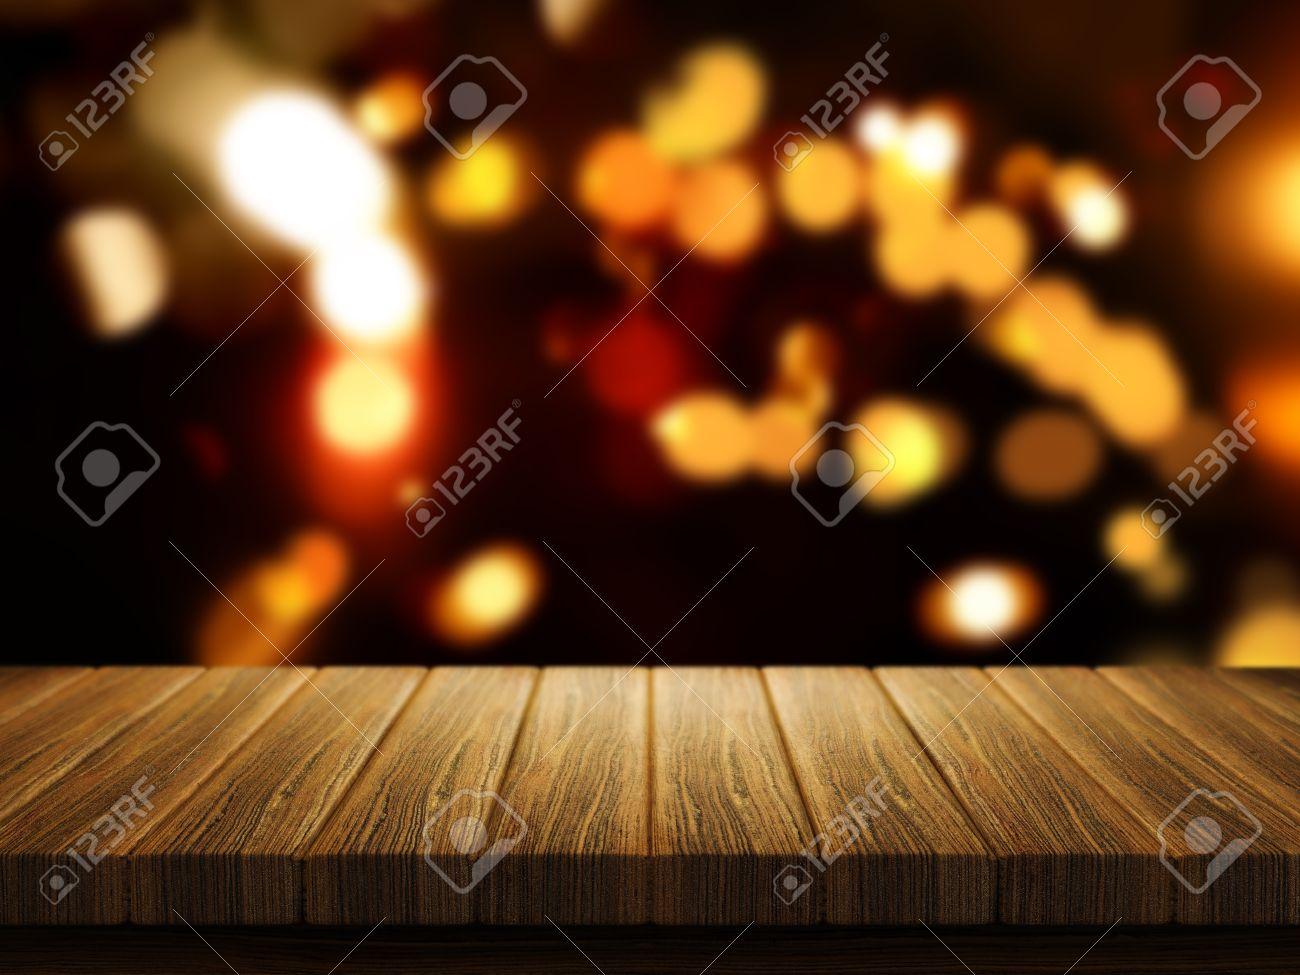 3d Weihnachtsbeleuchtung.Stock Photo